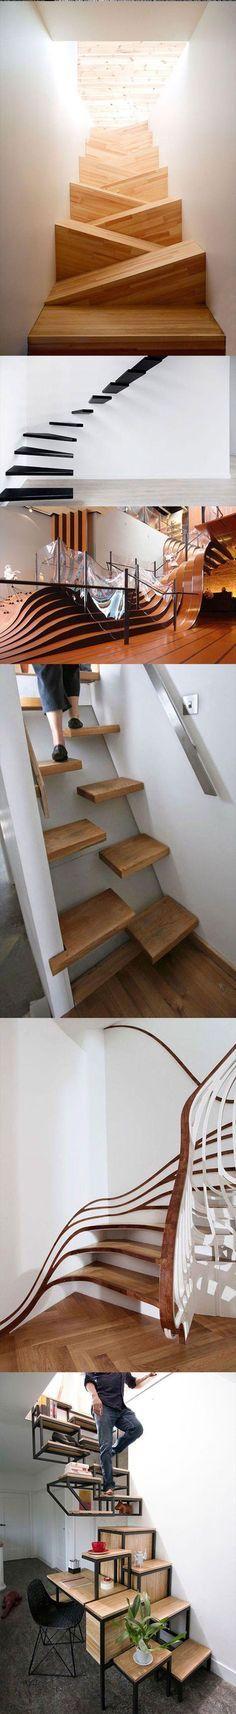 Stairway to heaven | kirankumar | Pinterest | Treppe, Stufen und Architektur